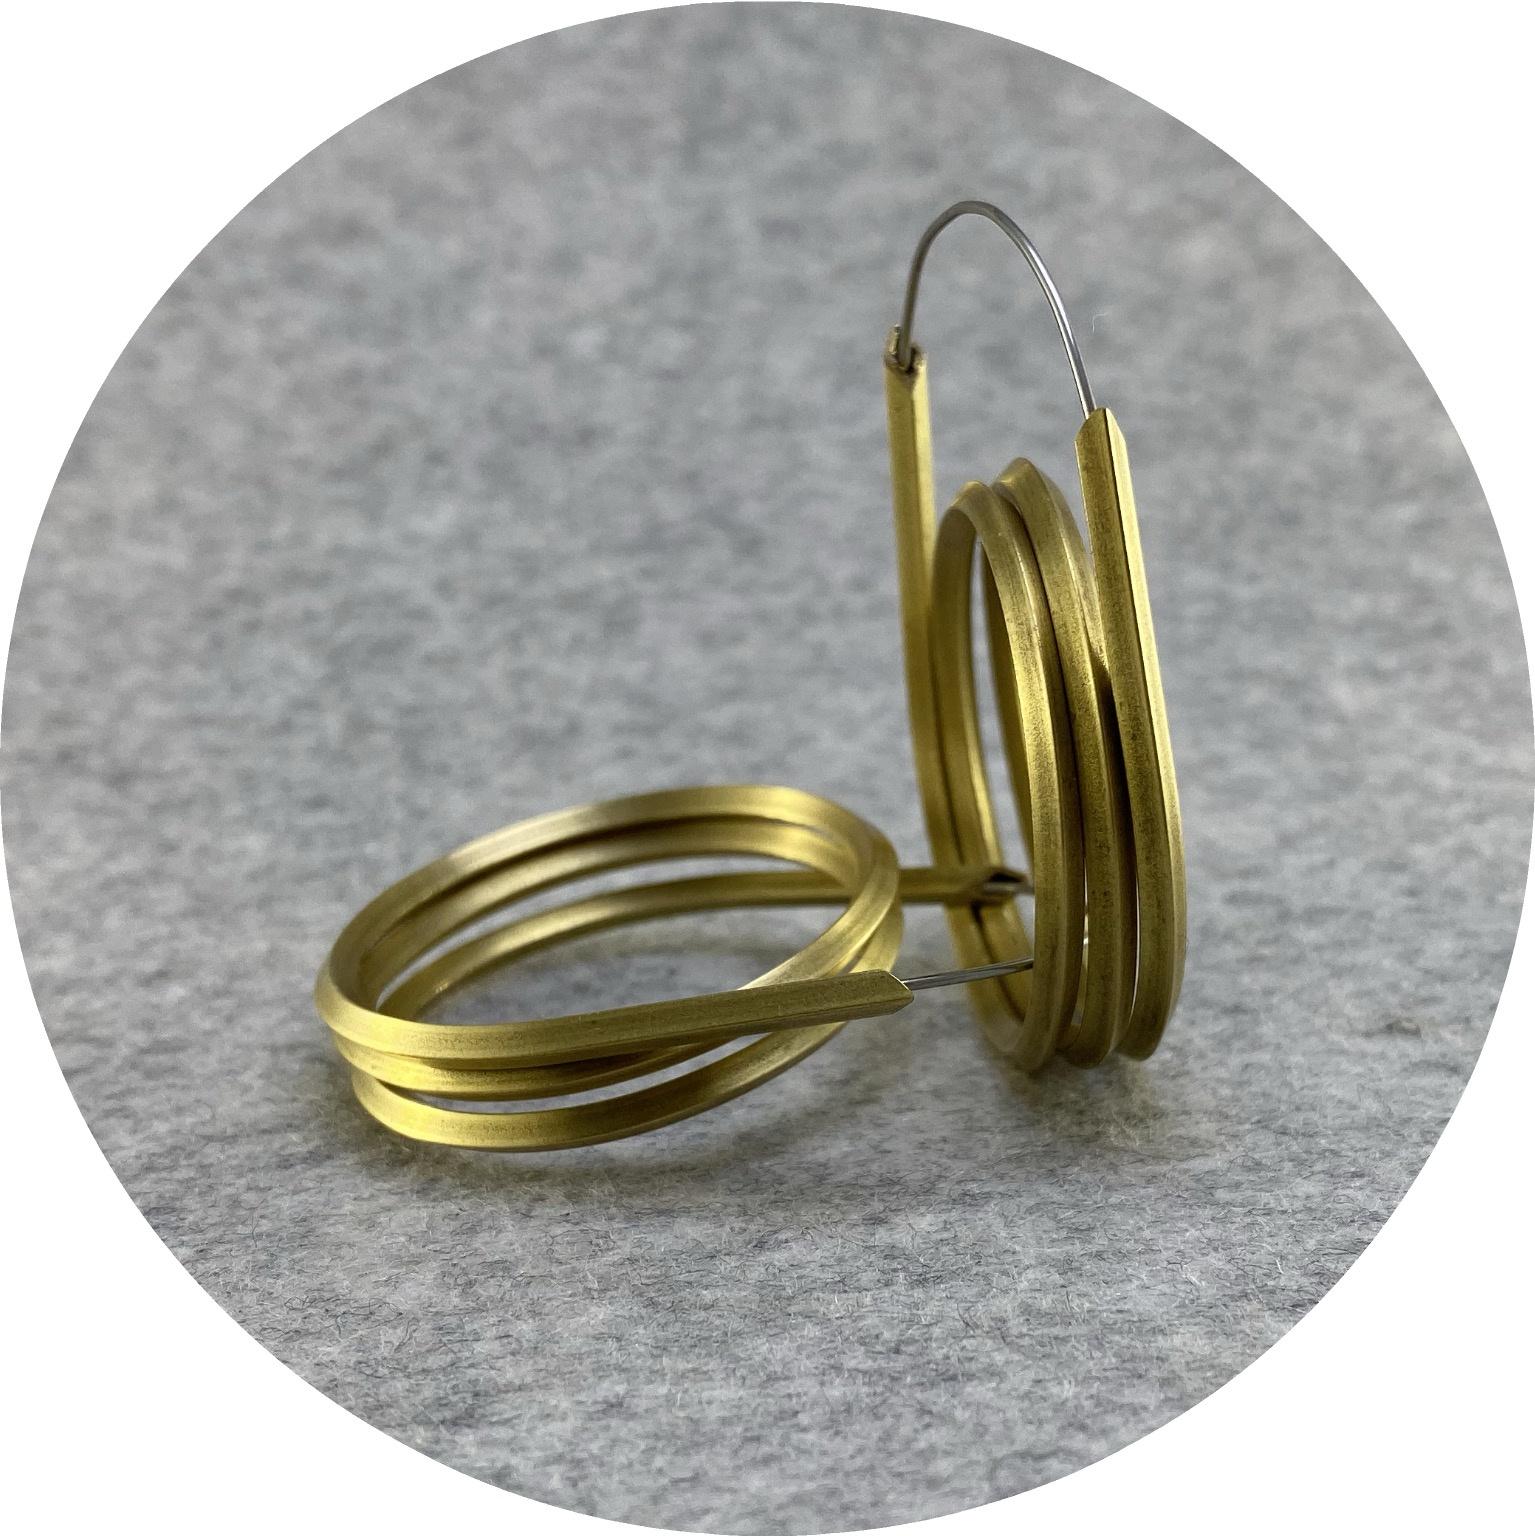 Kristina Neumann - 'Double Hoop', brass, stainless steel